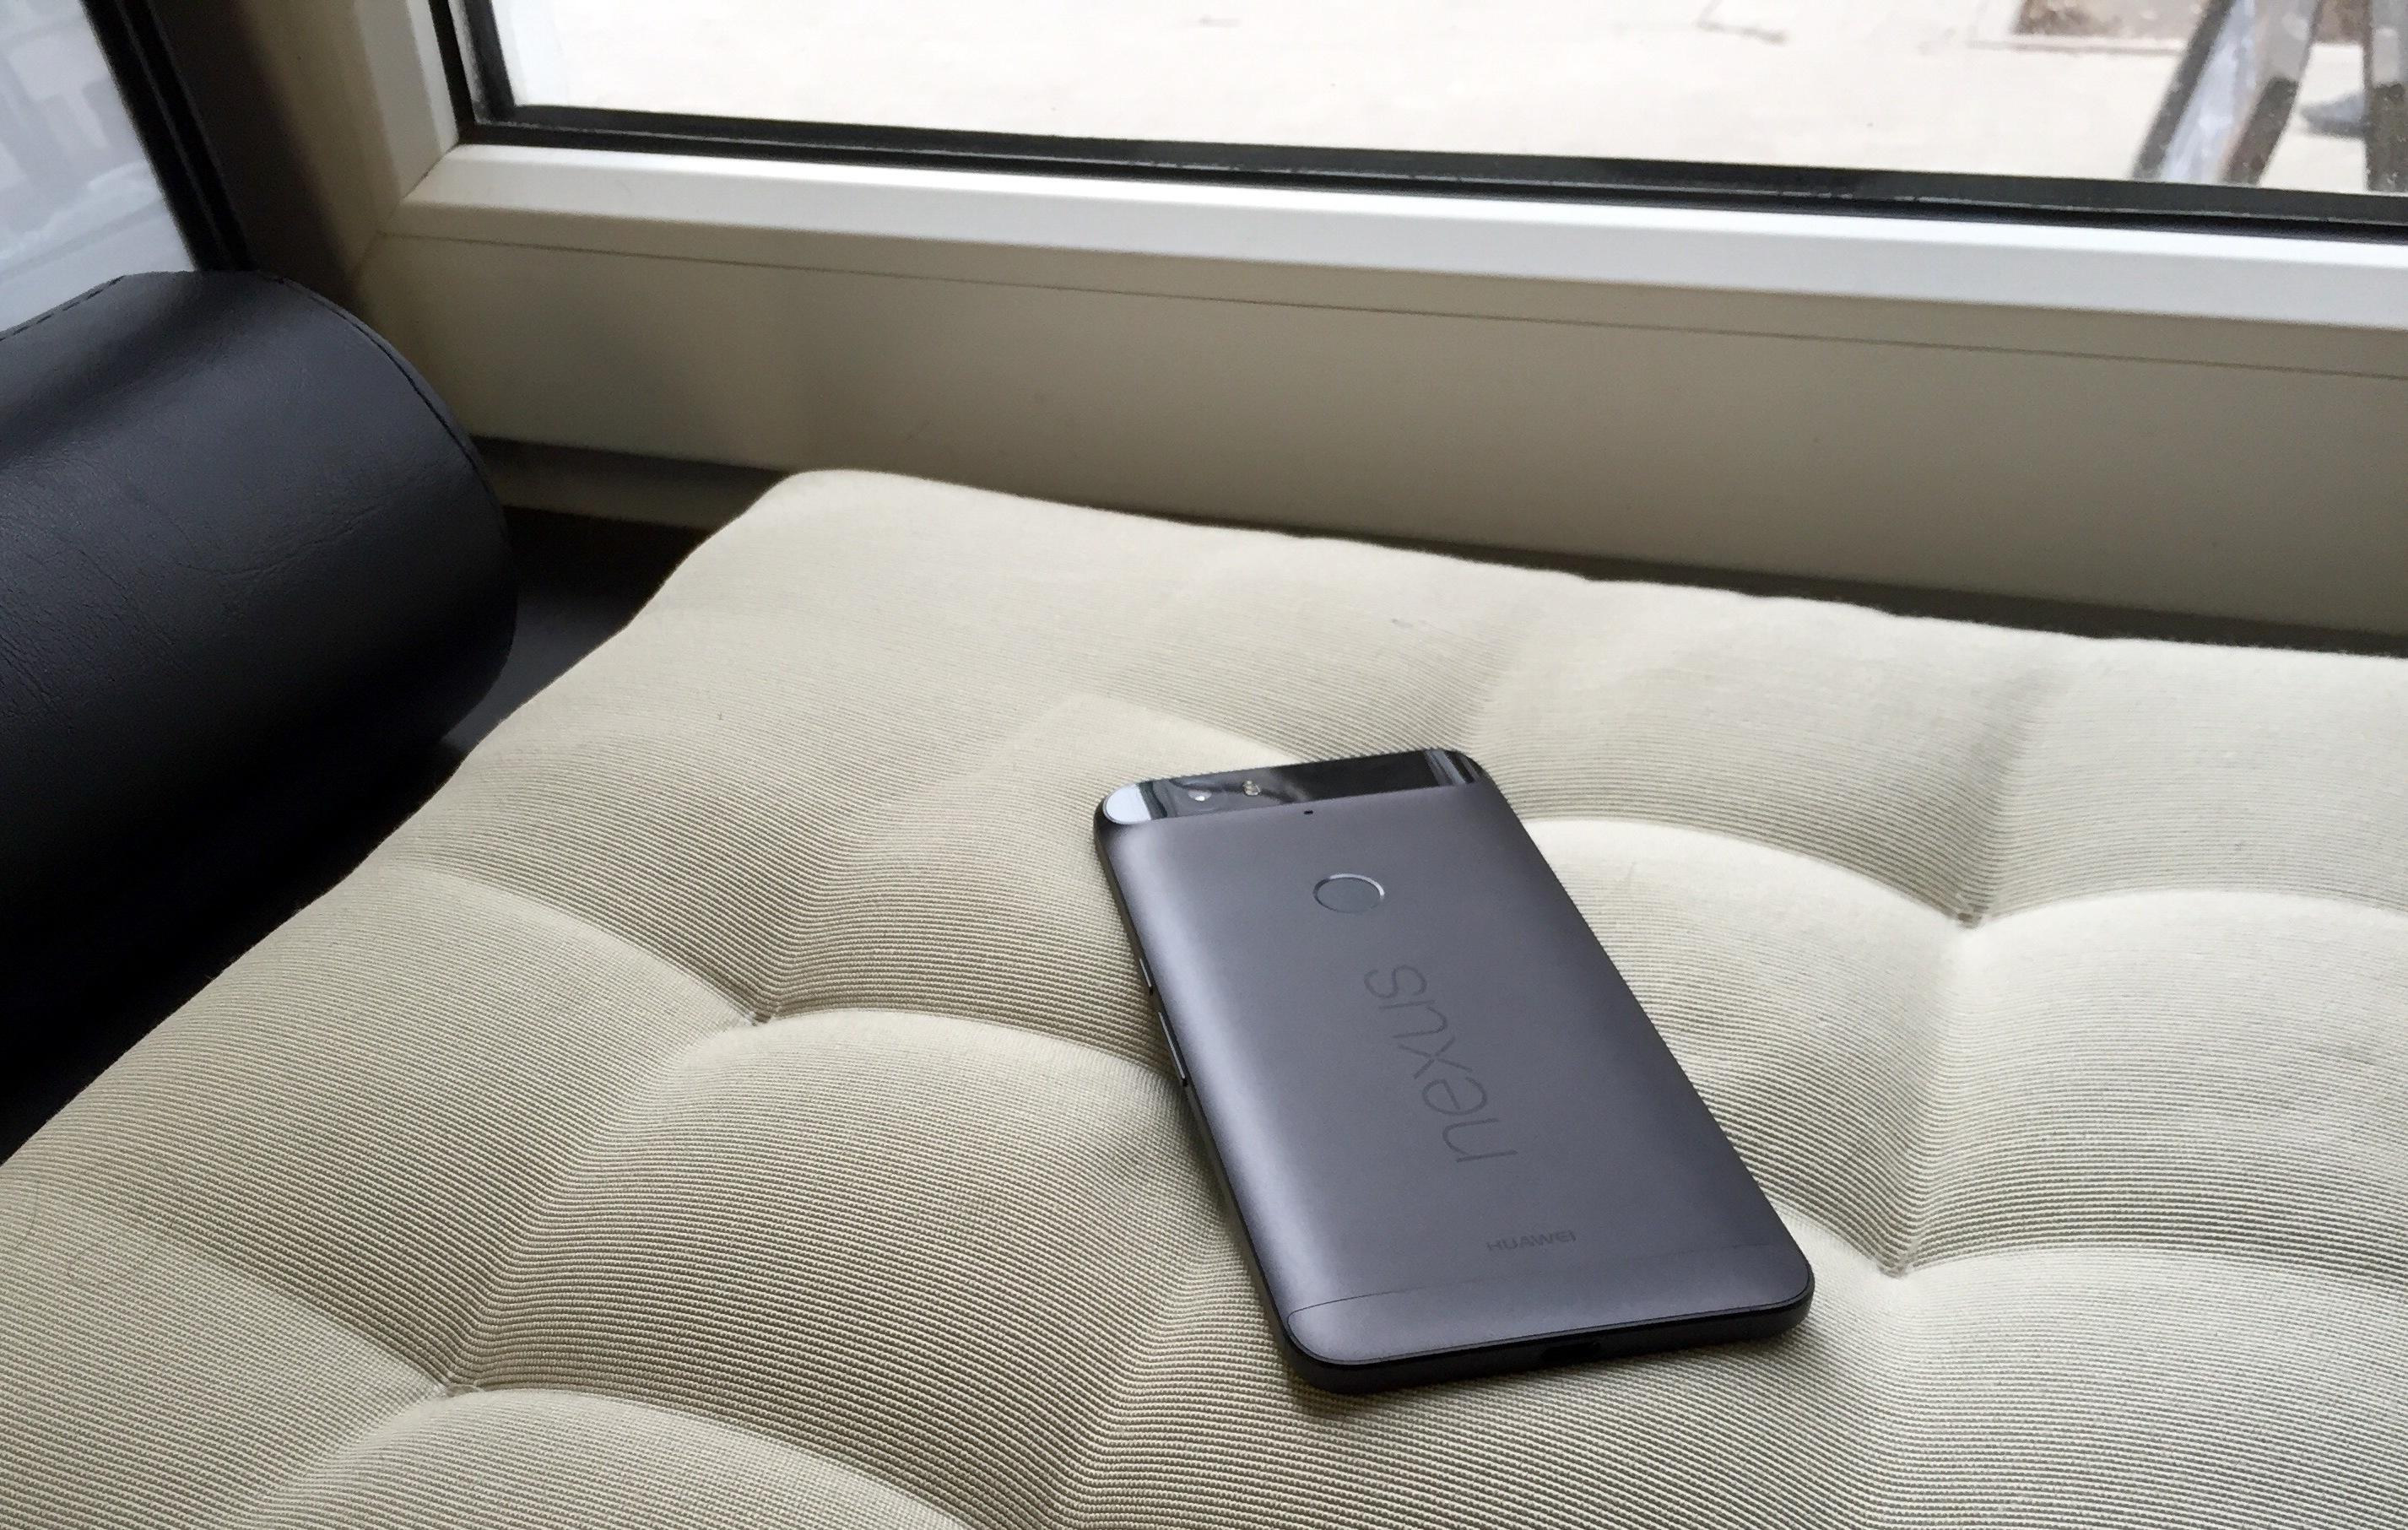 Обзор Nexus 6P: эталонный смартфон от Google и Huawei